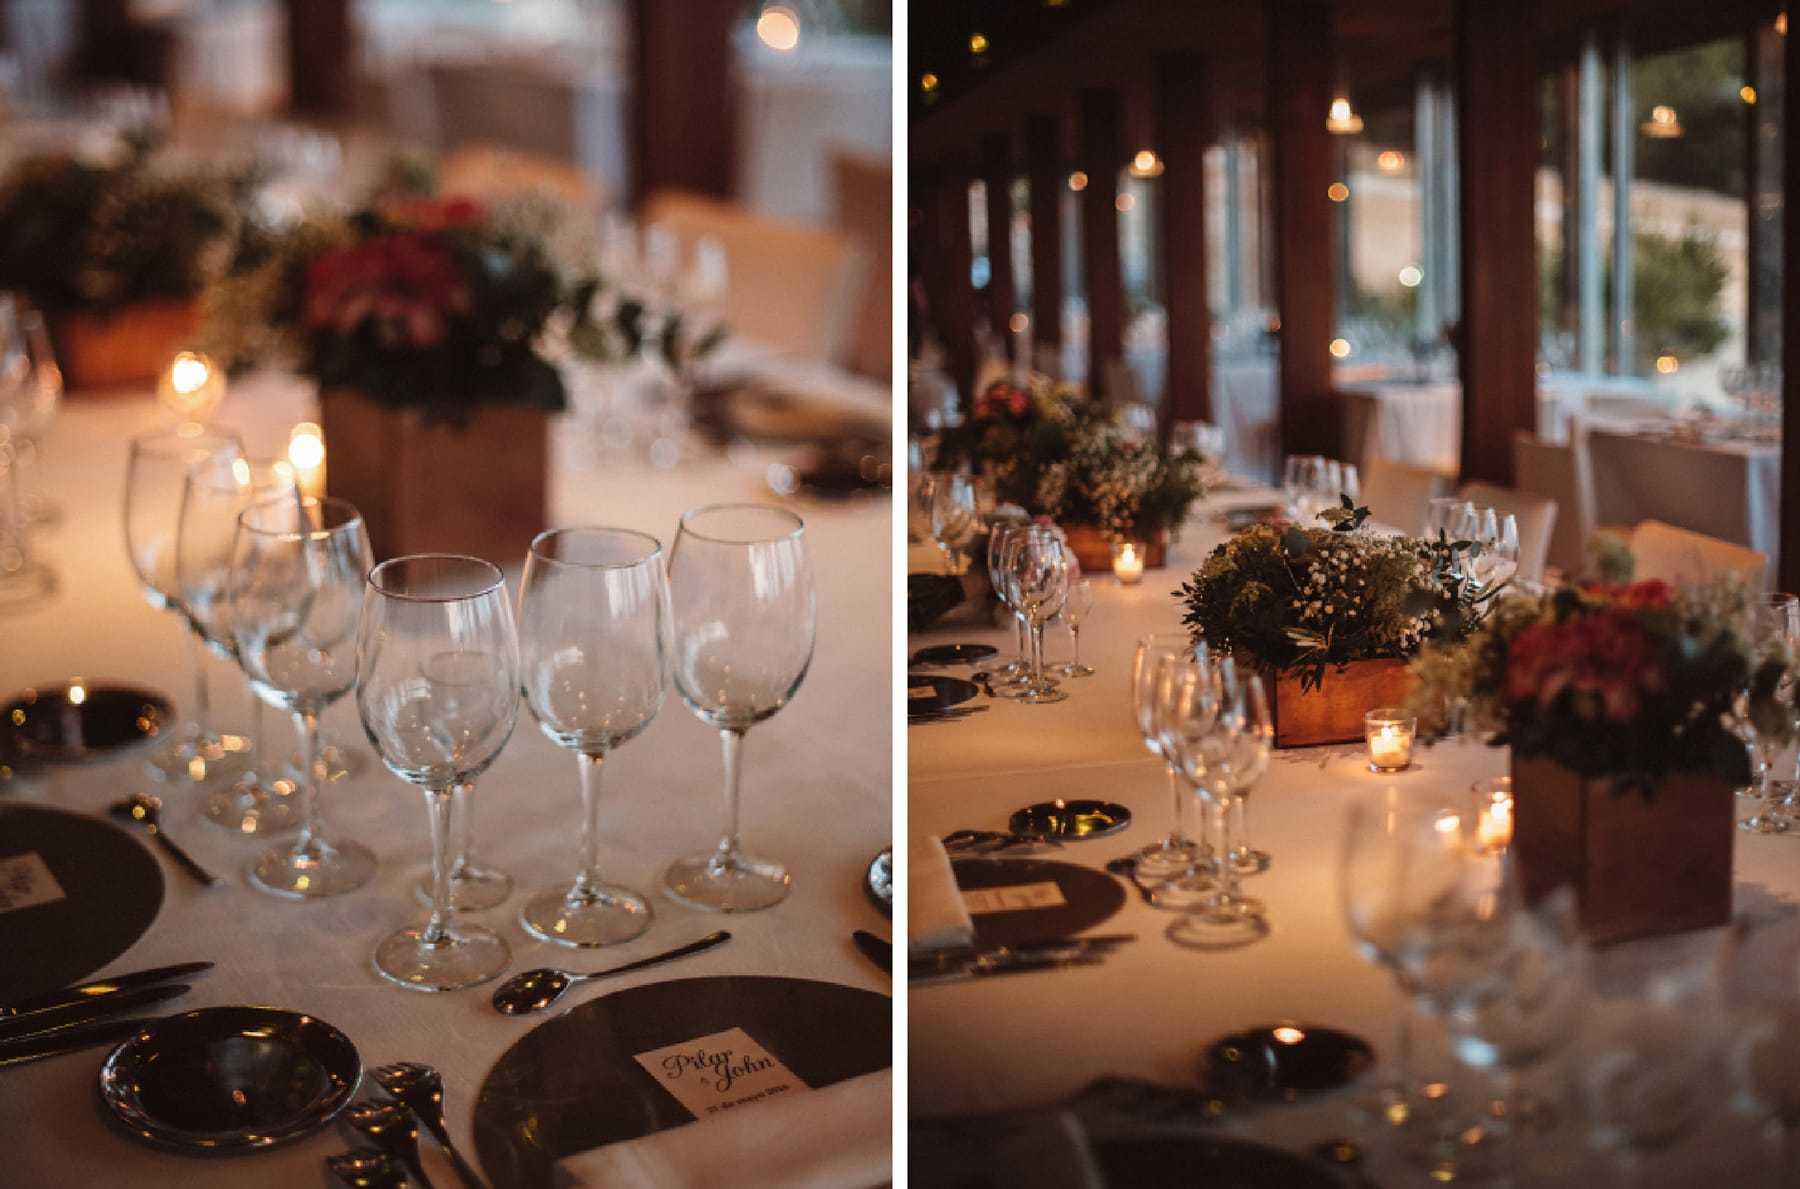 restaurante_la_ereta_hilario_sanchez_fotografo_boda_alicante_106